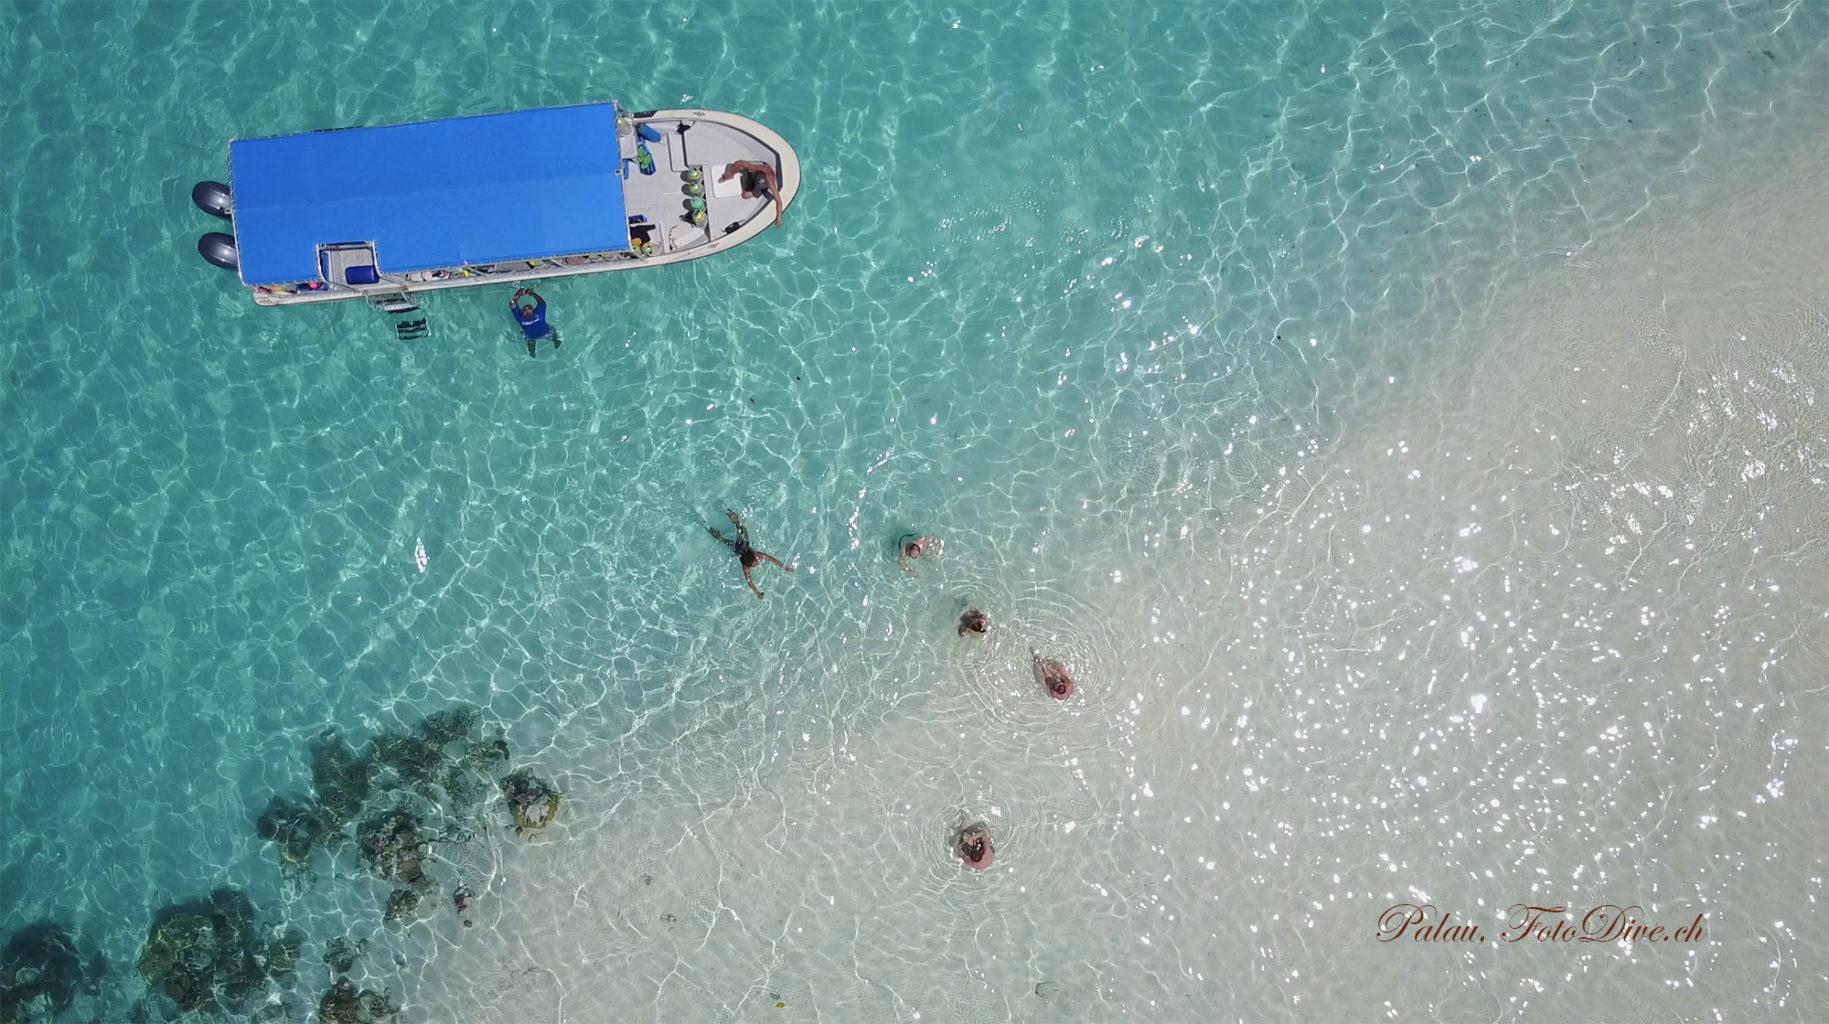 German Channel Palau